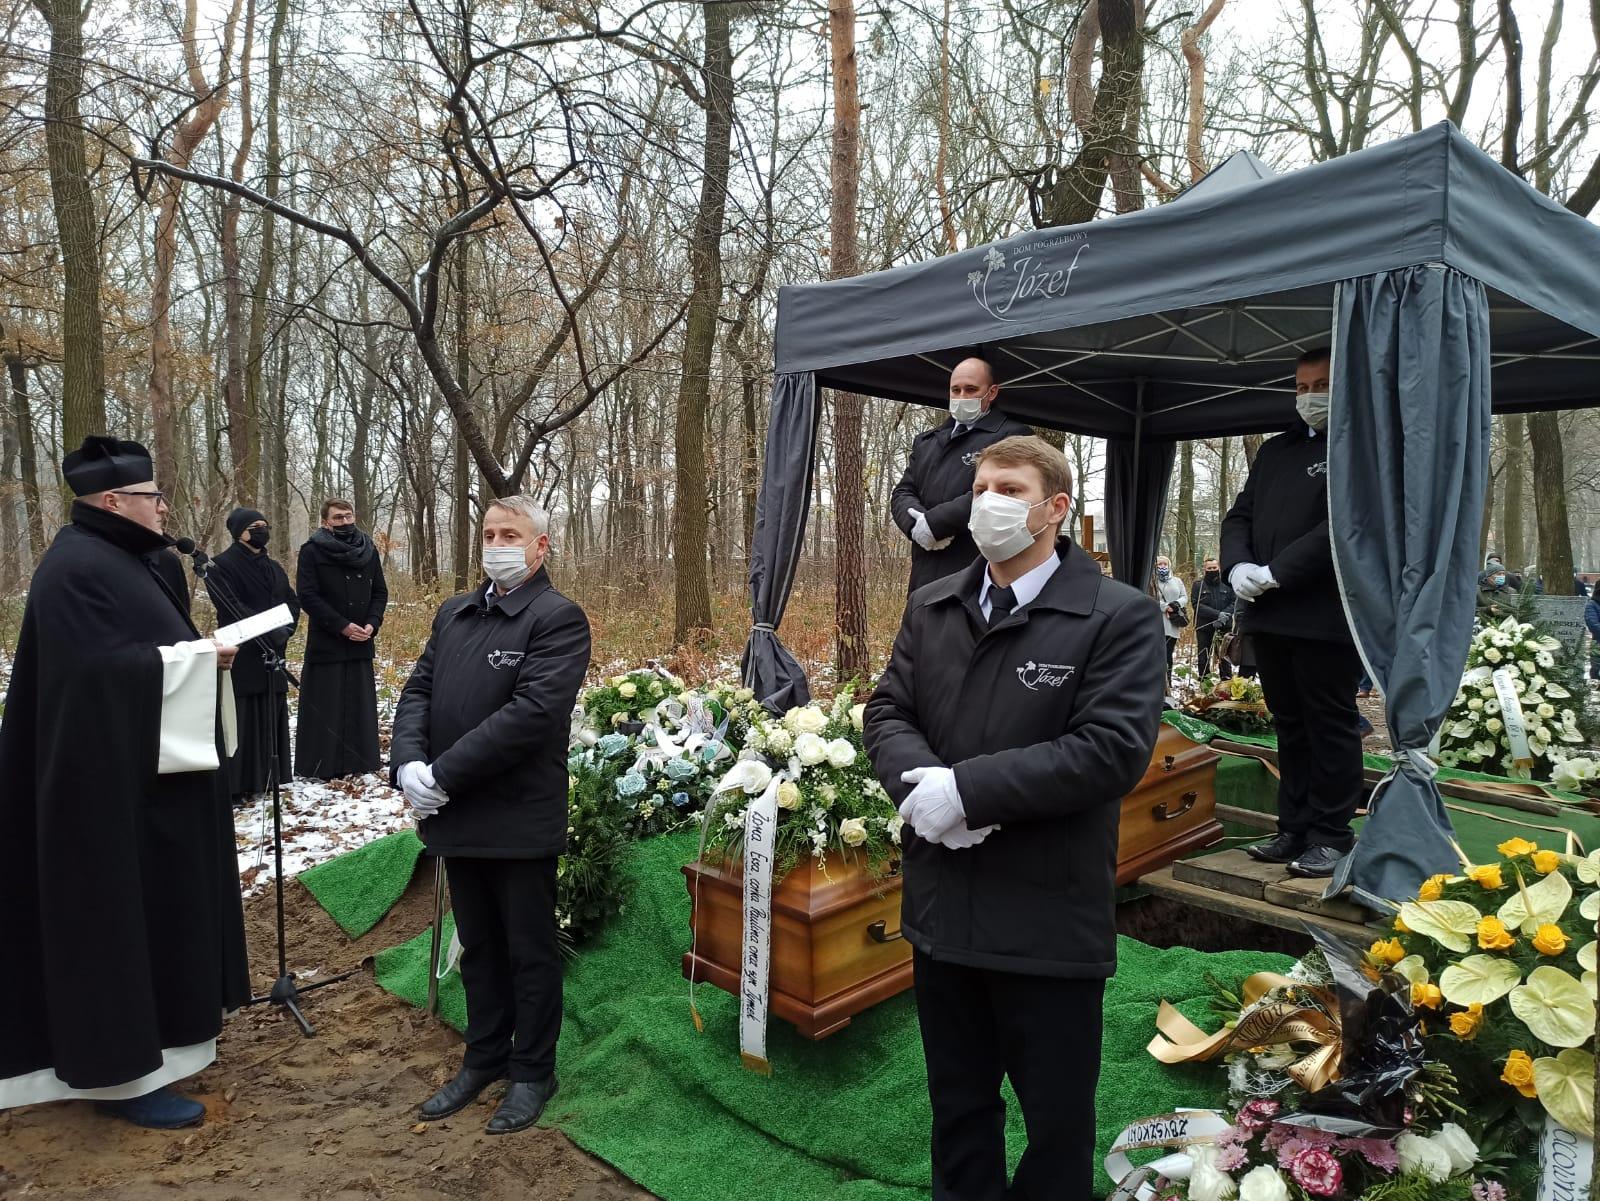 Pogrzeb w zimę